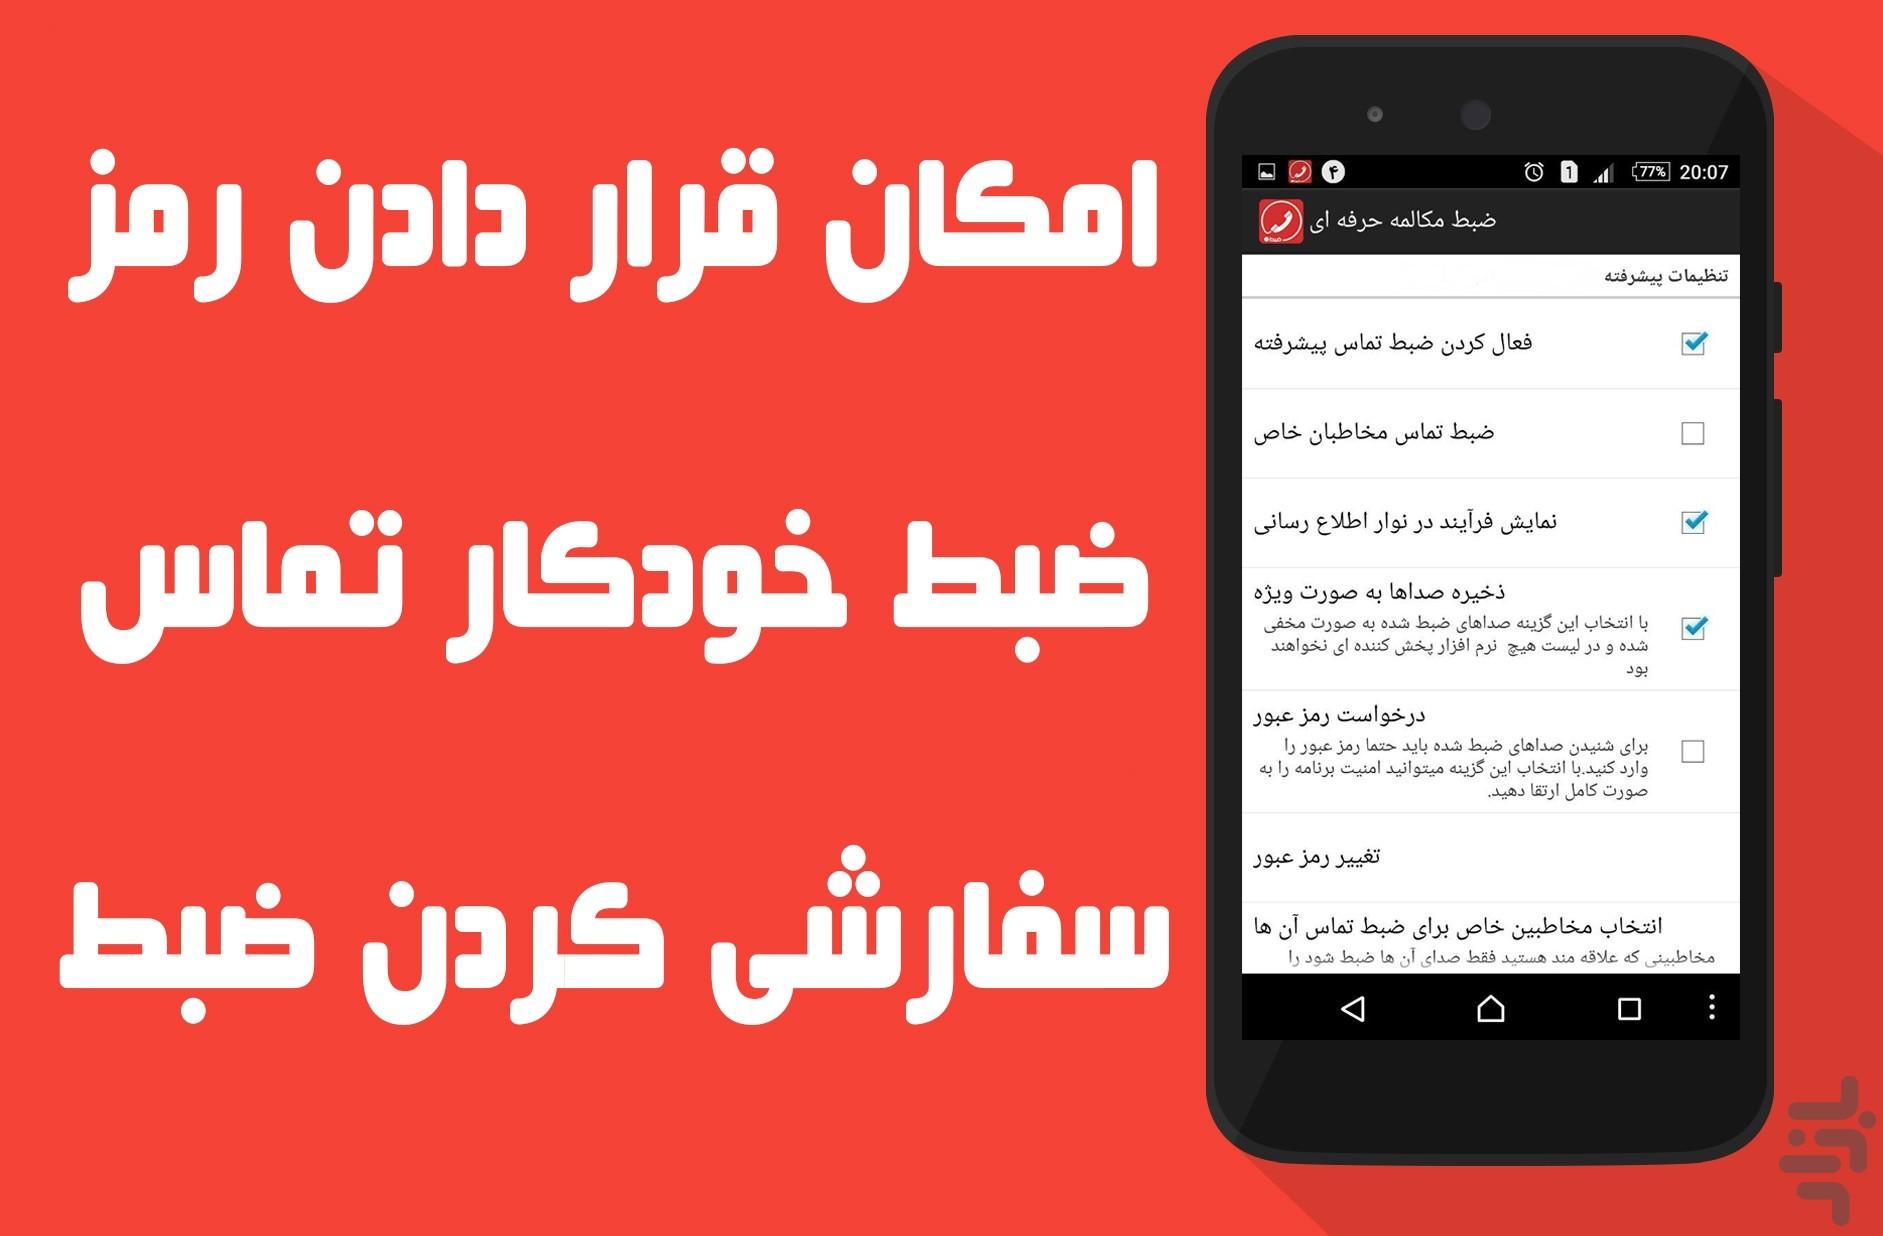 نسخه اصلی مبوگرام Скачать ضبط مکالمه حرفه ای(نسخه اصلی) APK 2.3.8 для Андроид - другое скачать бесплатно.